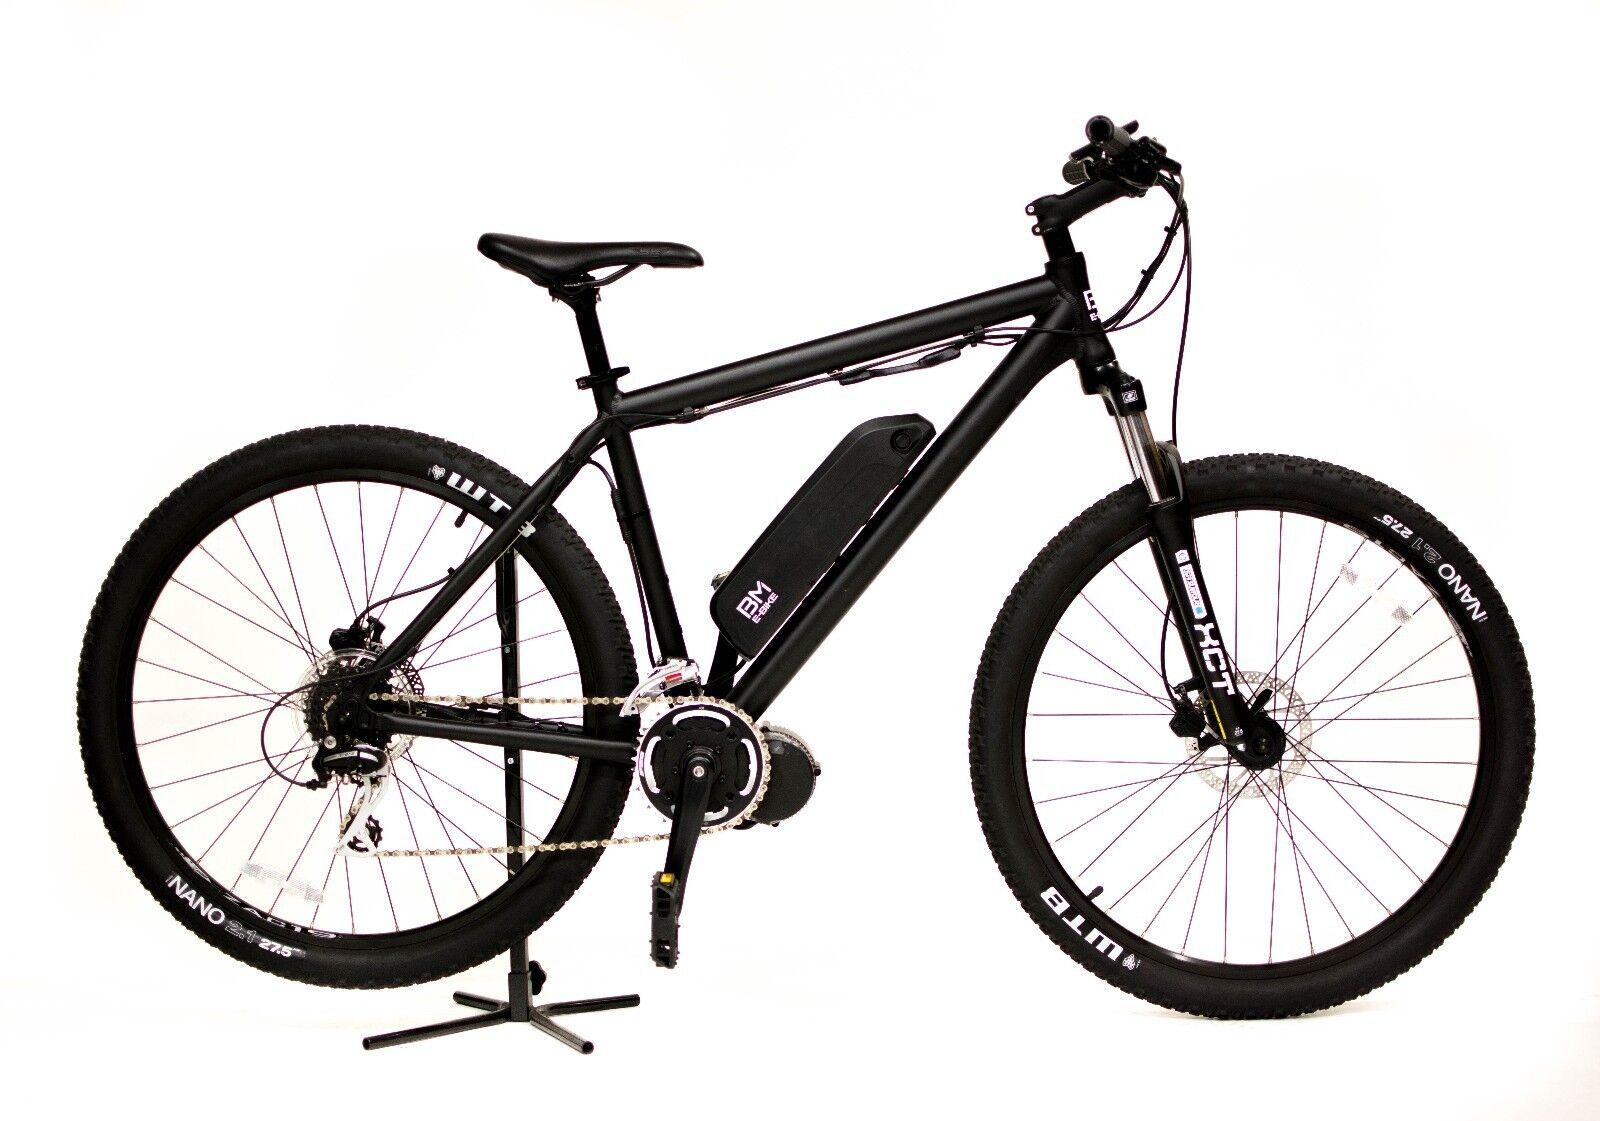 BM Shadow Power Plus 650B v.1  |  Electric Bike + Mid-Drive